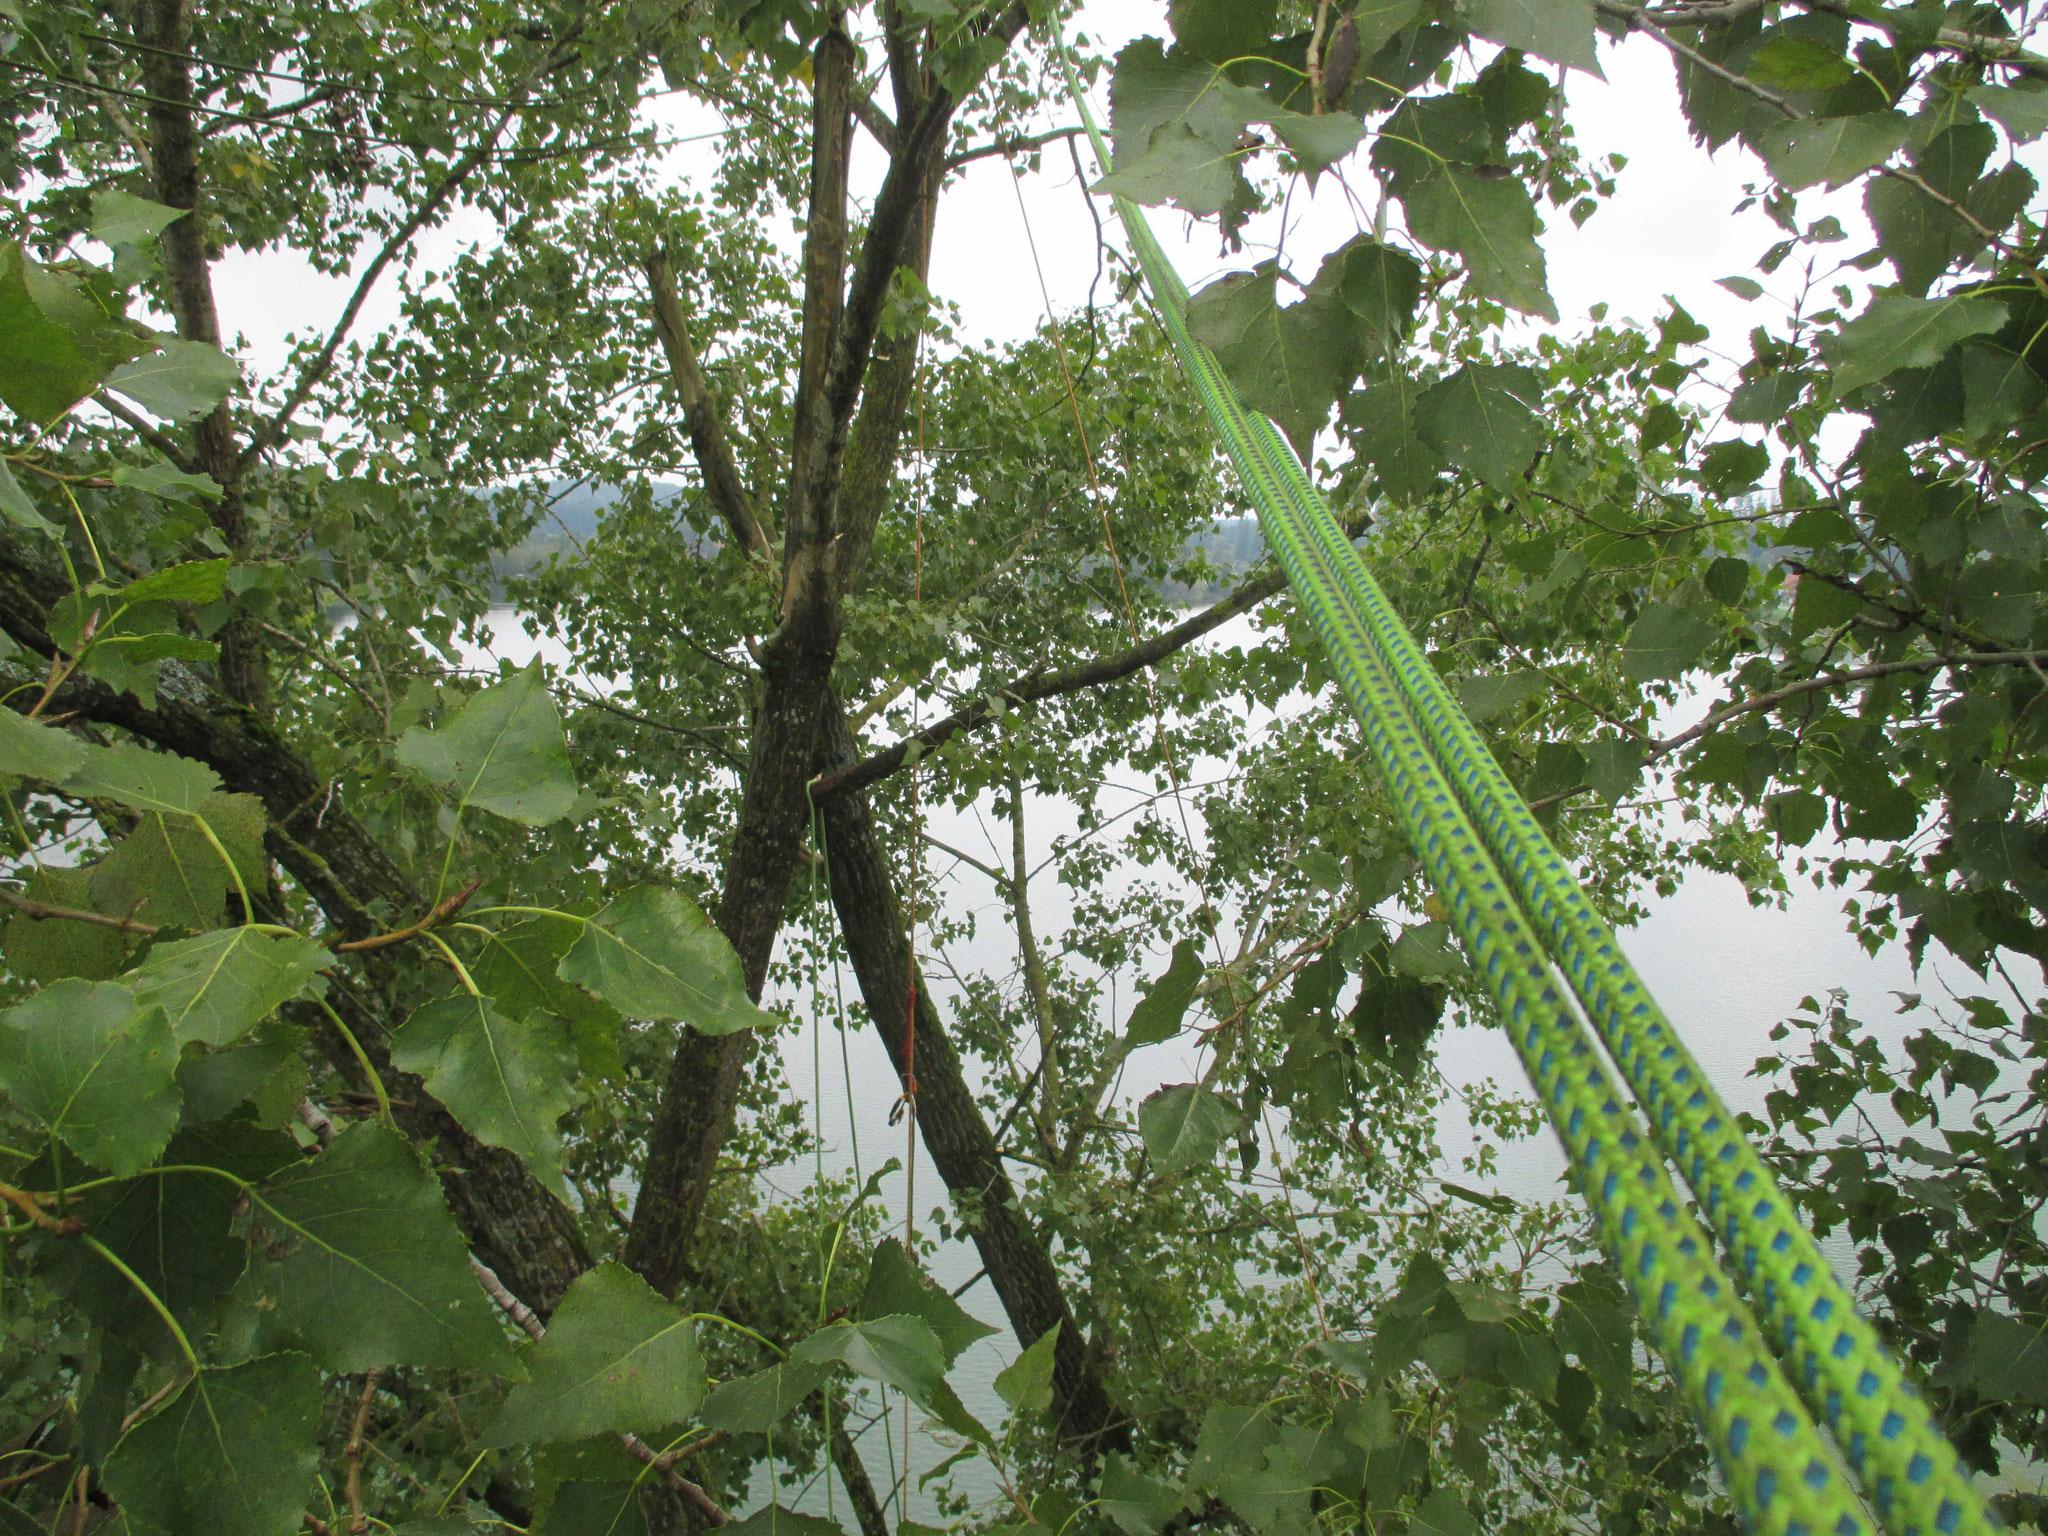 Baumschnitt Seeon, Blick in die Baumkrone einer Pappel.